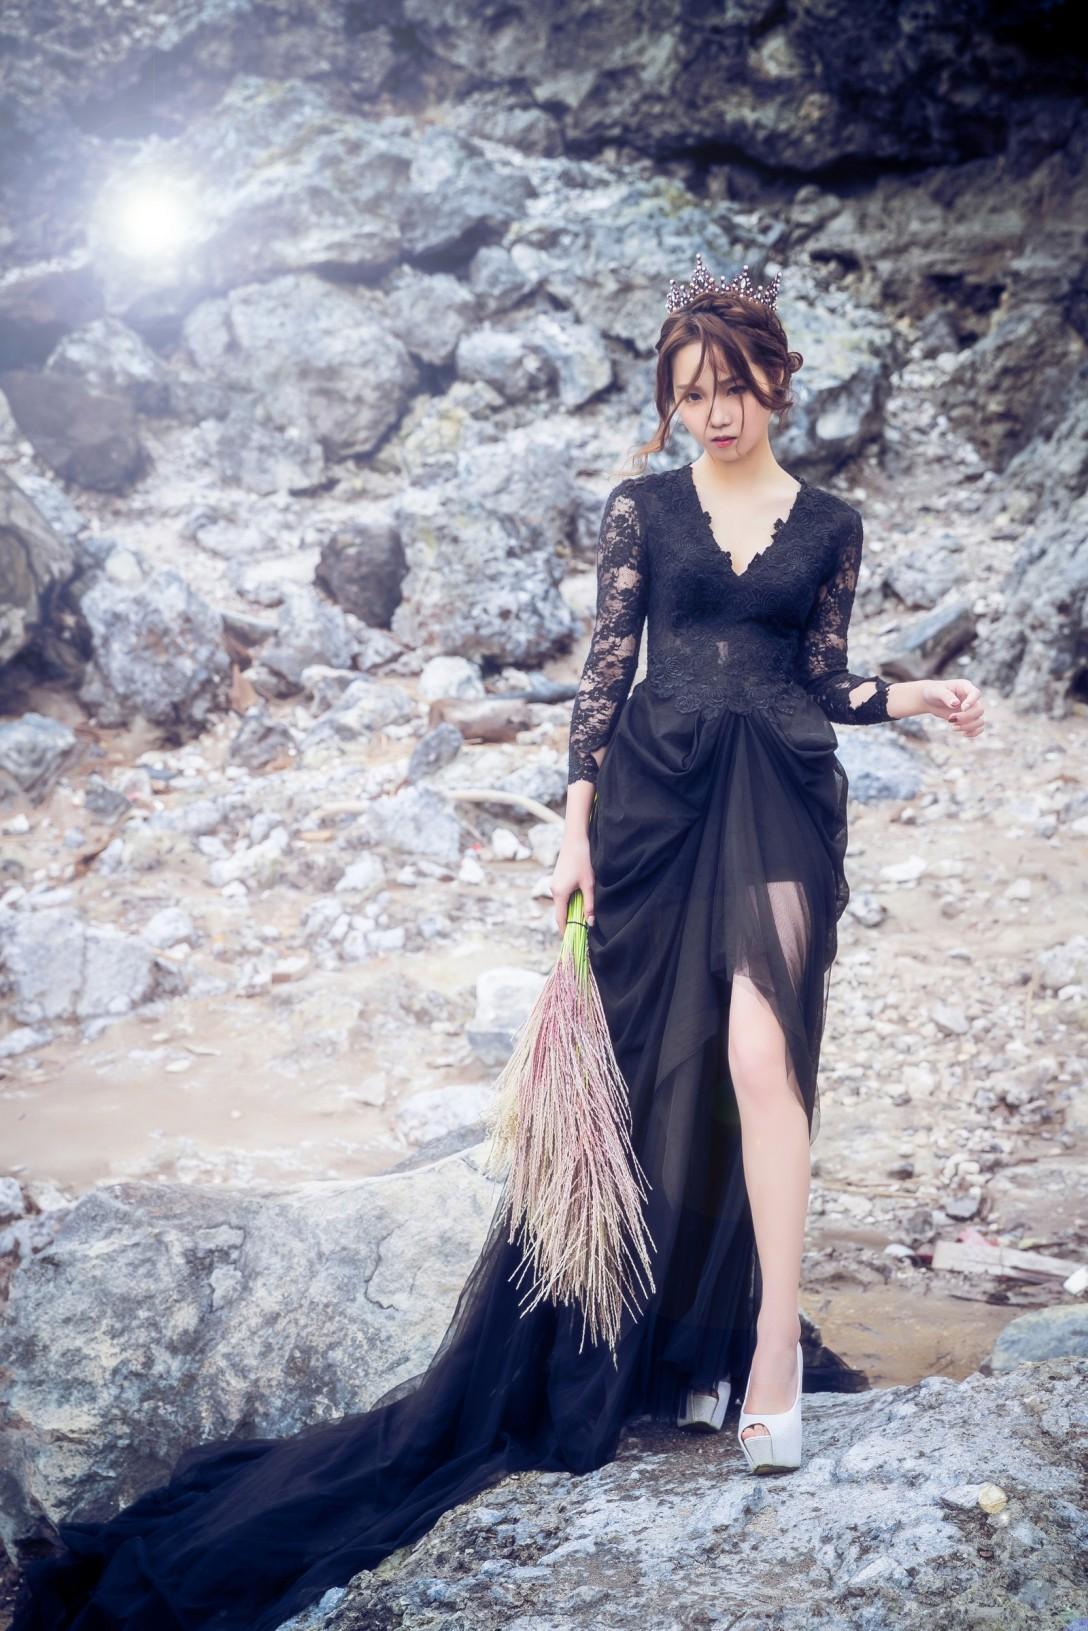 自助婚紗,自助婚紗推薦,自助婚紗風格,婚紗照,713